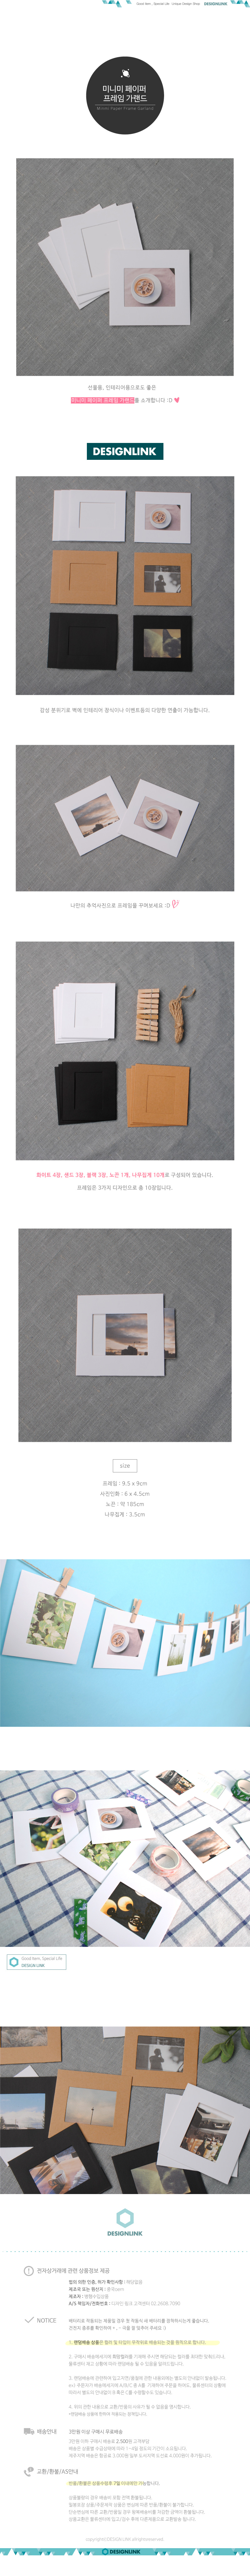 미니미 페이퍼 프레임 가랜드 - 디자인링크, 4,900원, 테마앨범/테마북, 포토박스/프레임